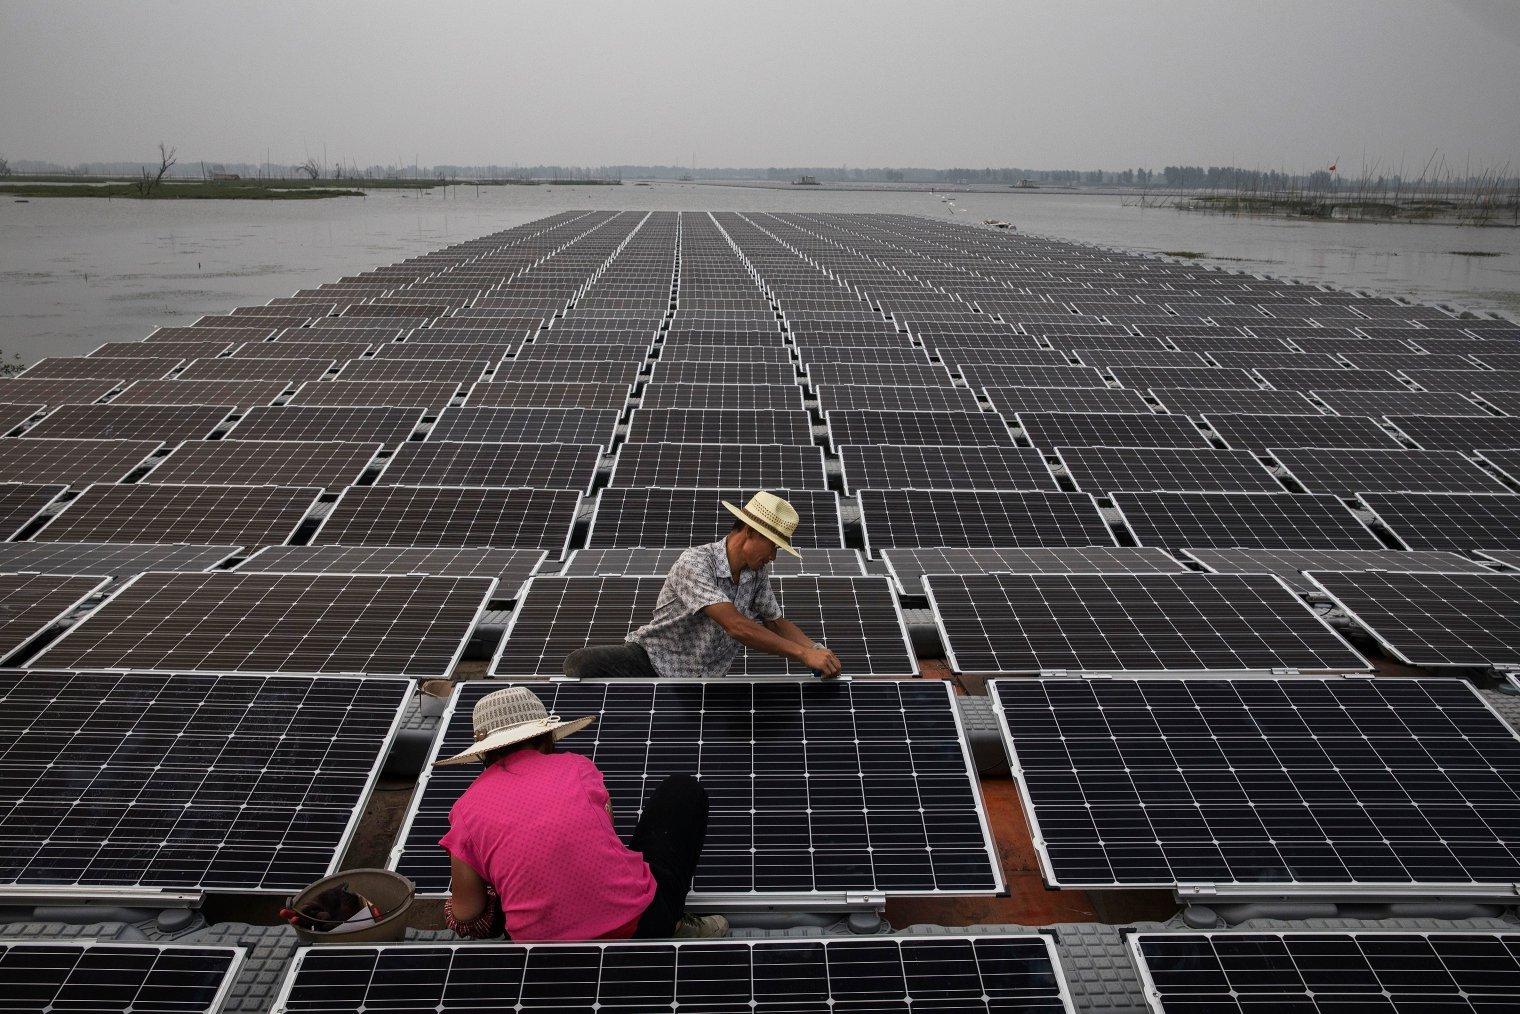 Çin Dünyanın En Büyük Yüzer Güneş Enerjisi Çiftliğini Kuruyor ile ilgili görsel sonucu